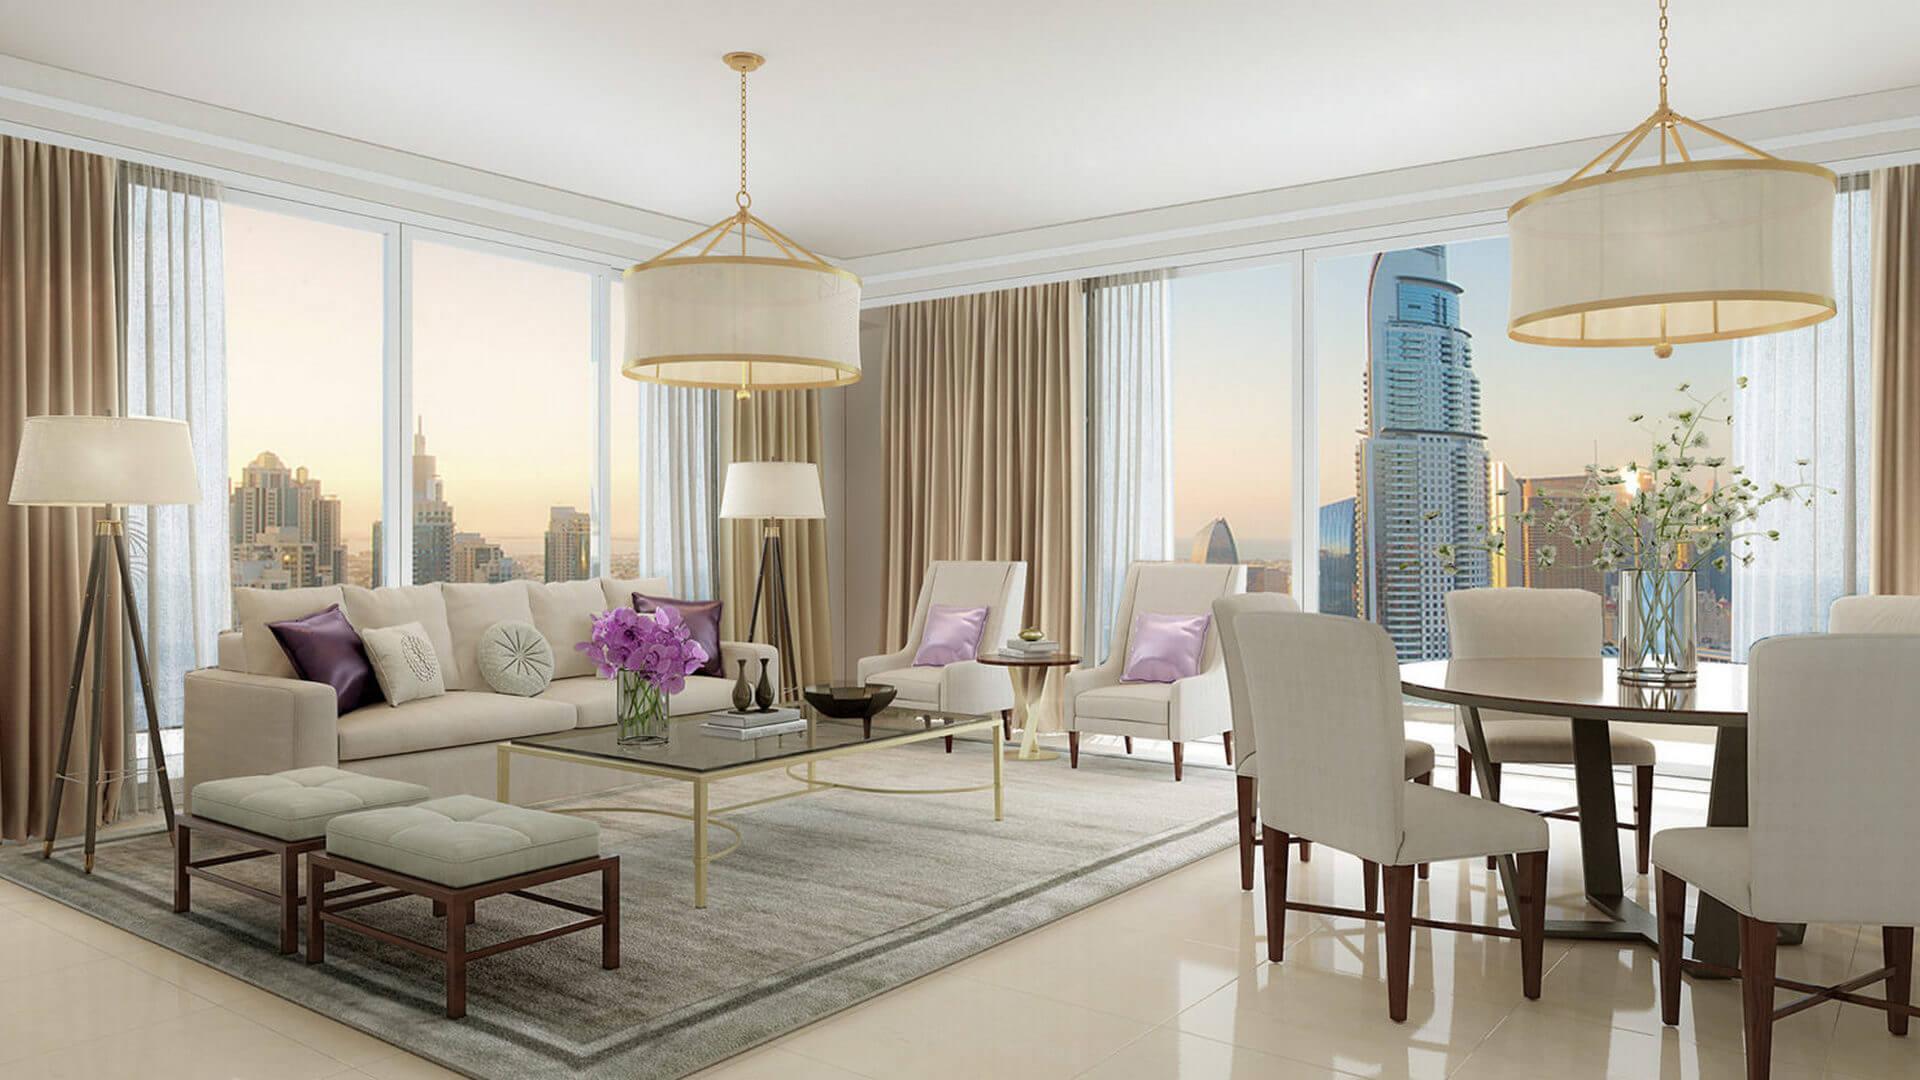 Apartamento en venta en Dubai, EAU, 3 dormitorios, 177 m2, № 24094 – foto 1